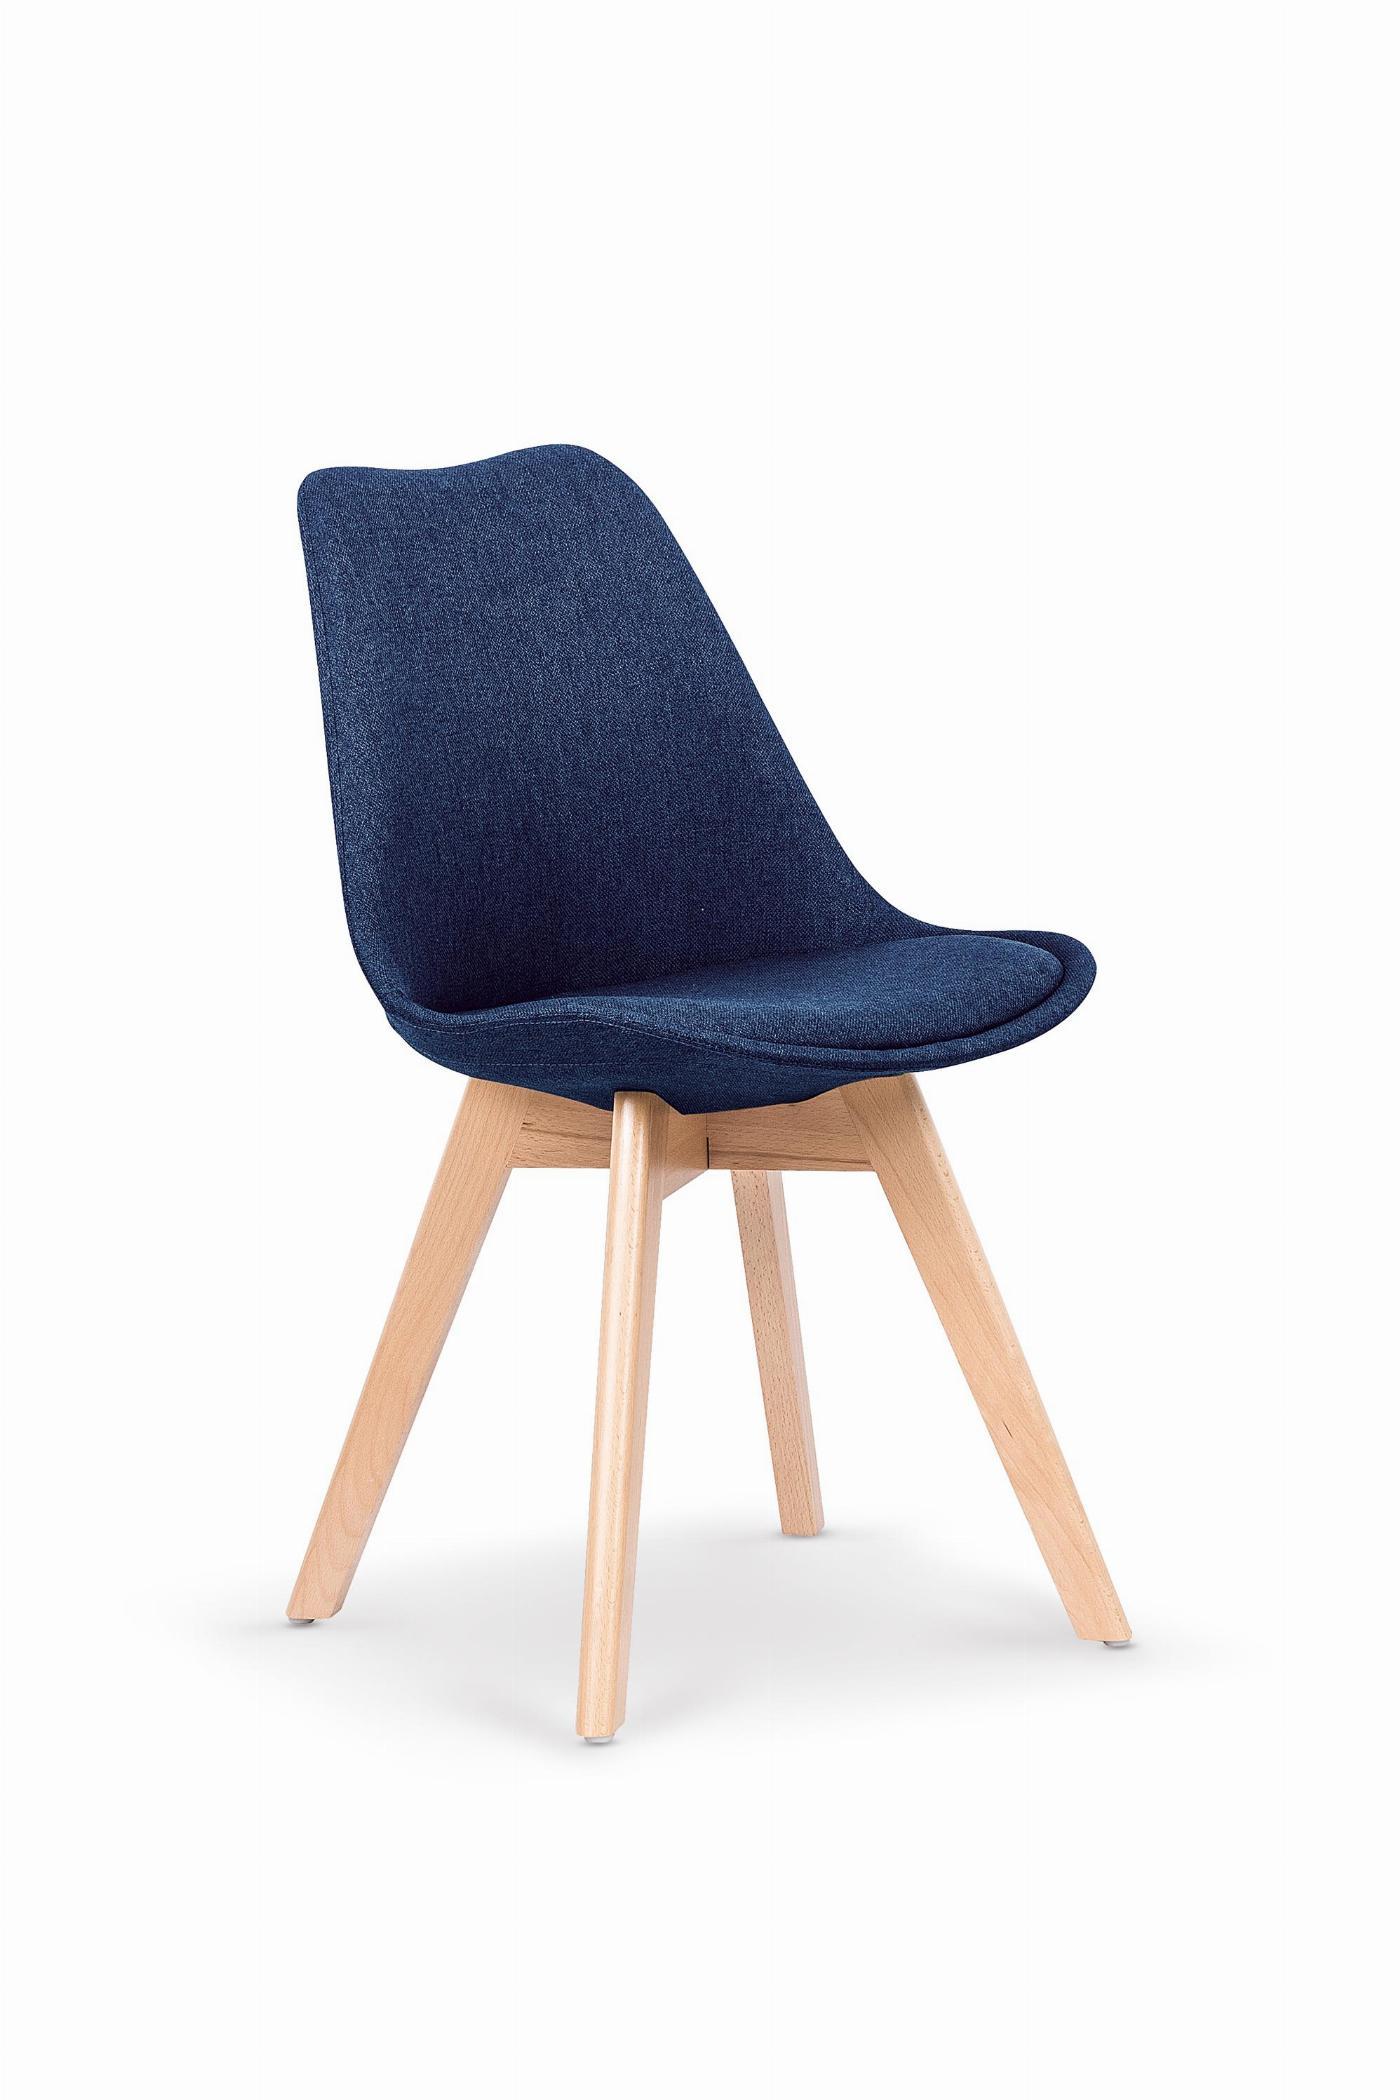 K303 krzesło ciemny niebieski / buk